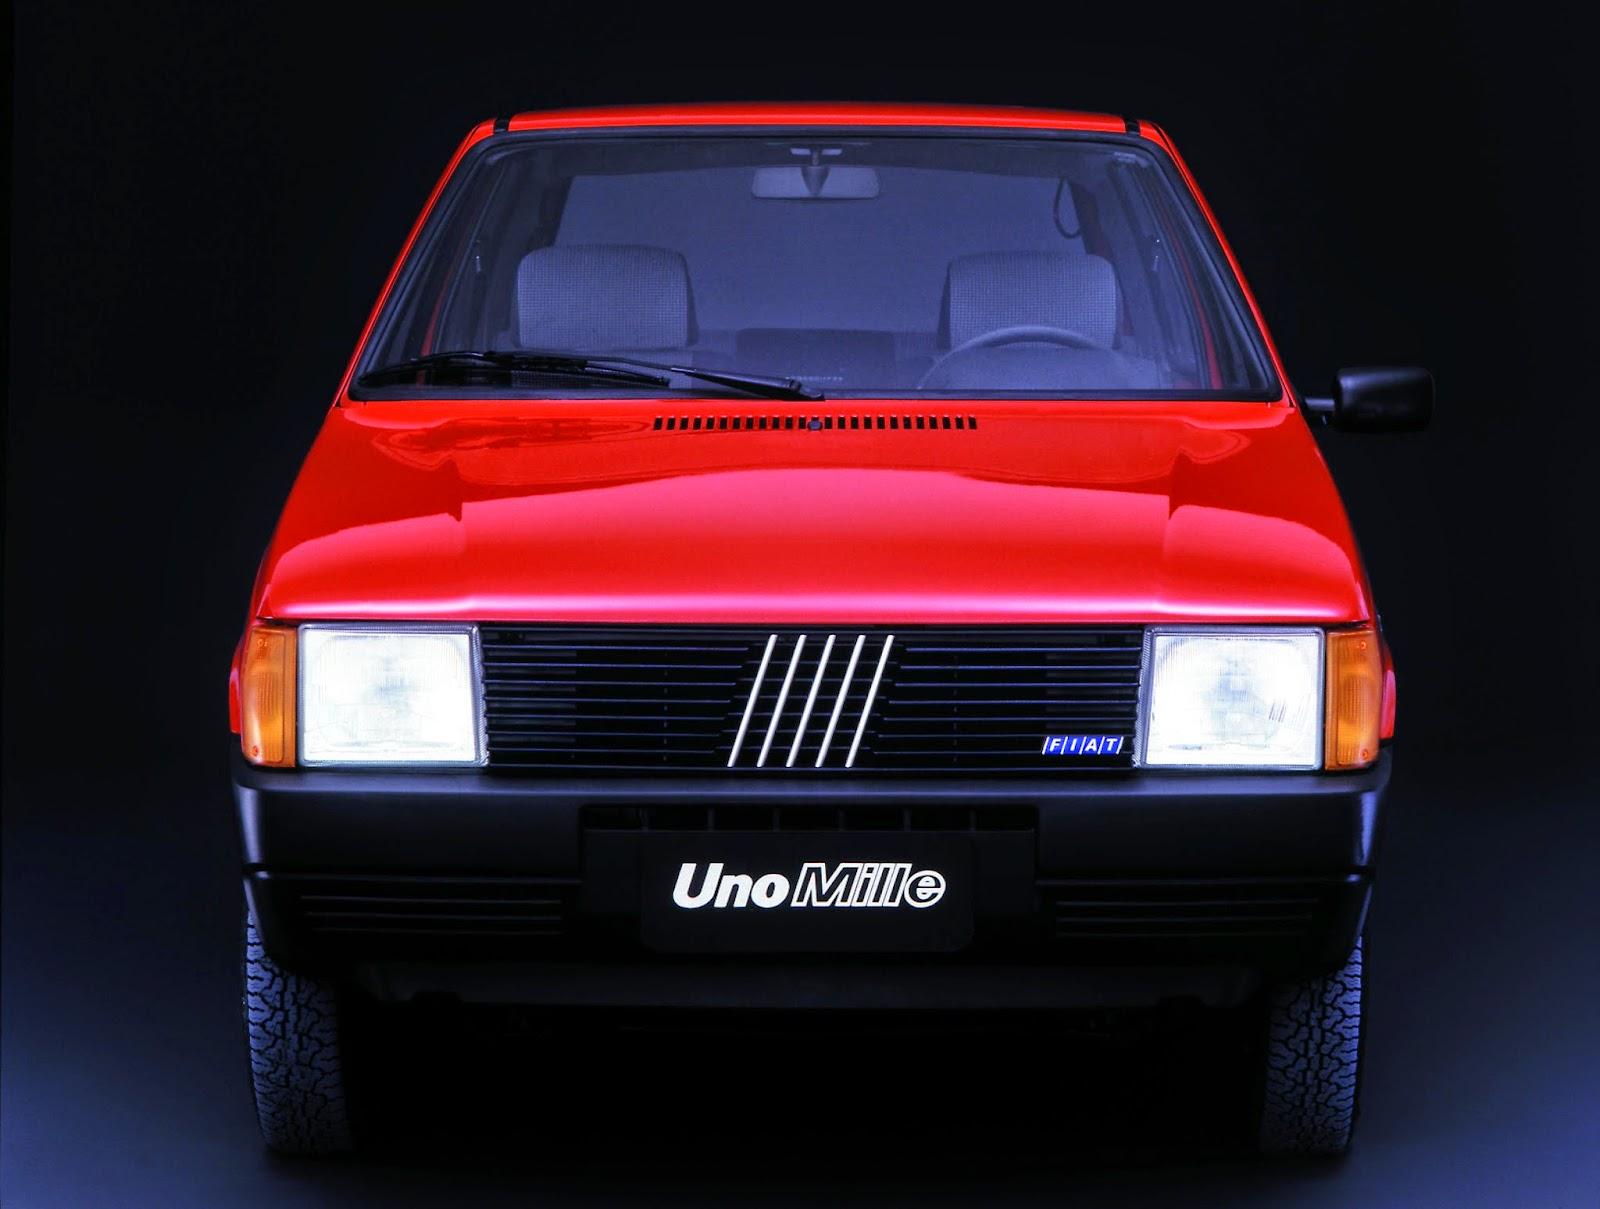 Fiat Uno Mille on 1994 Chevrolet Blazer Nada